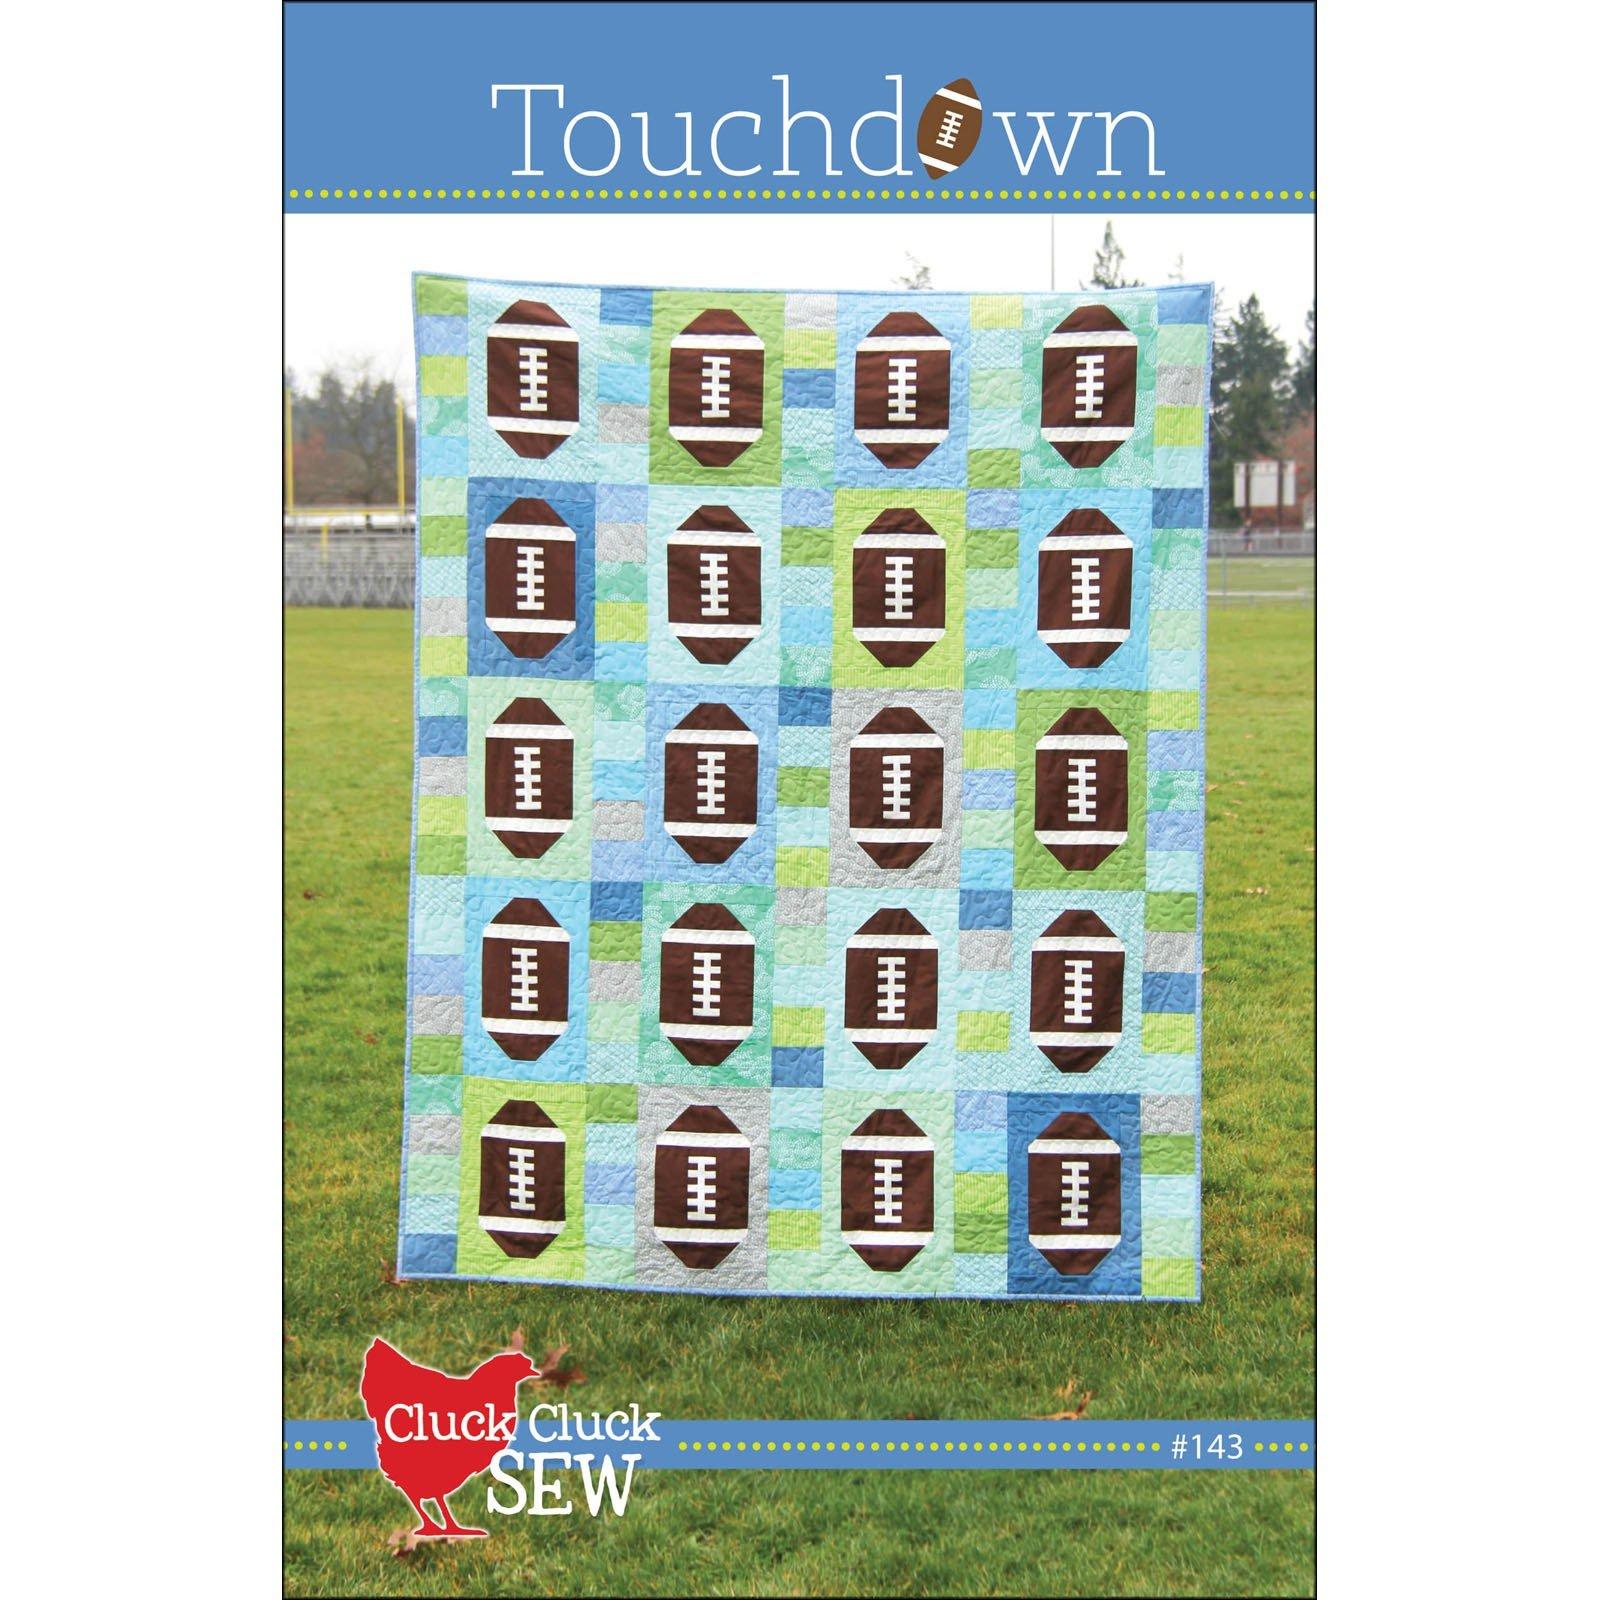 Touchdown Quilt<br/>Cluck Cluck Sew